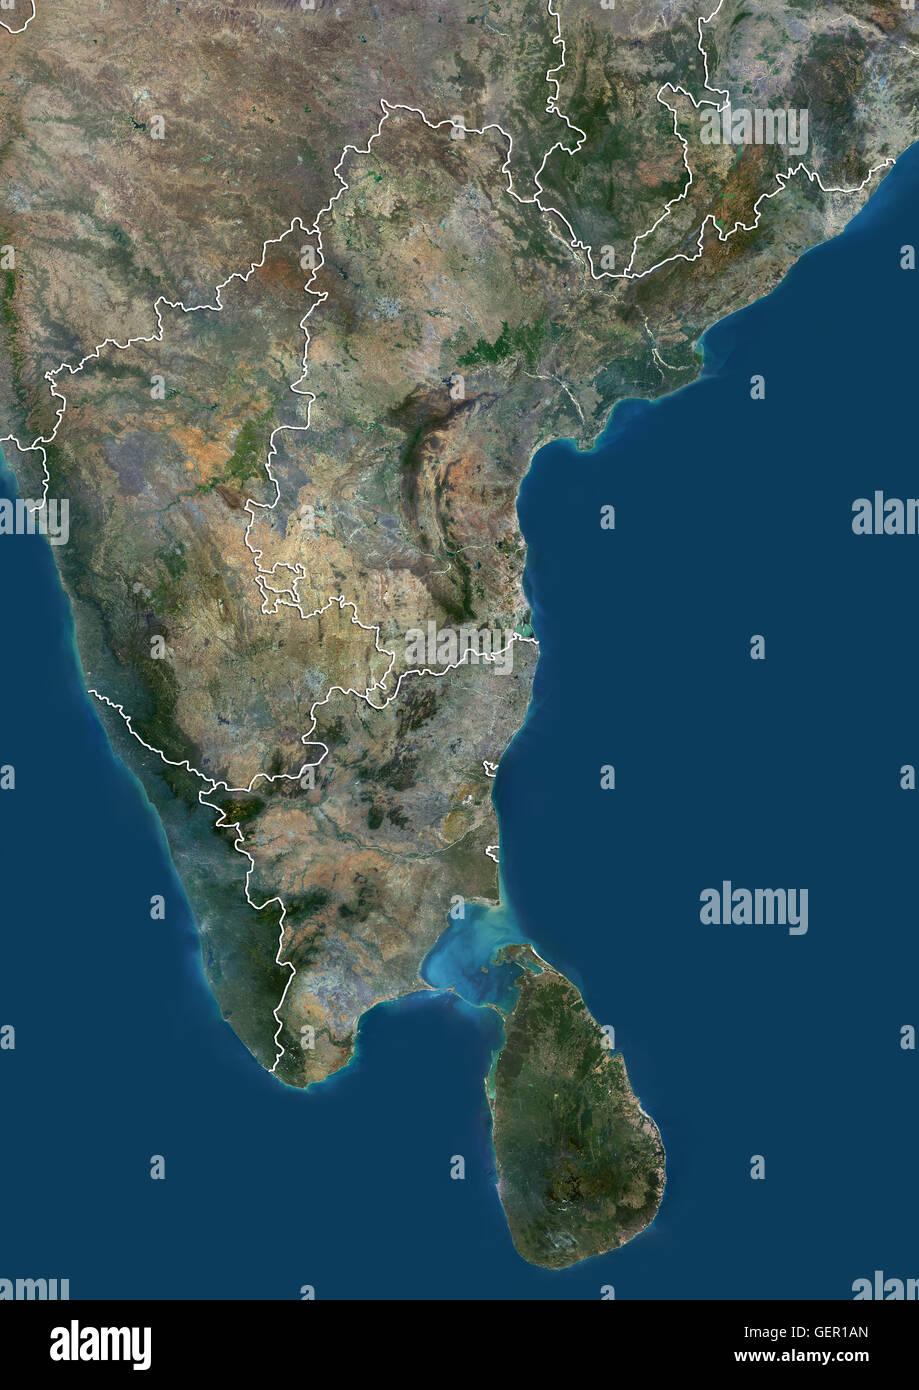 Vue Satellite de l'Inde du Sud et Sri Lanka (avec des limites administratives). Il couvre les états indiens Photo Stock